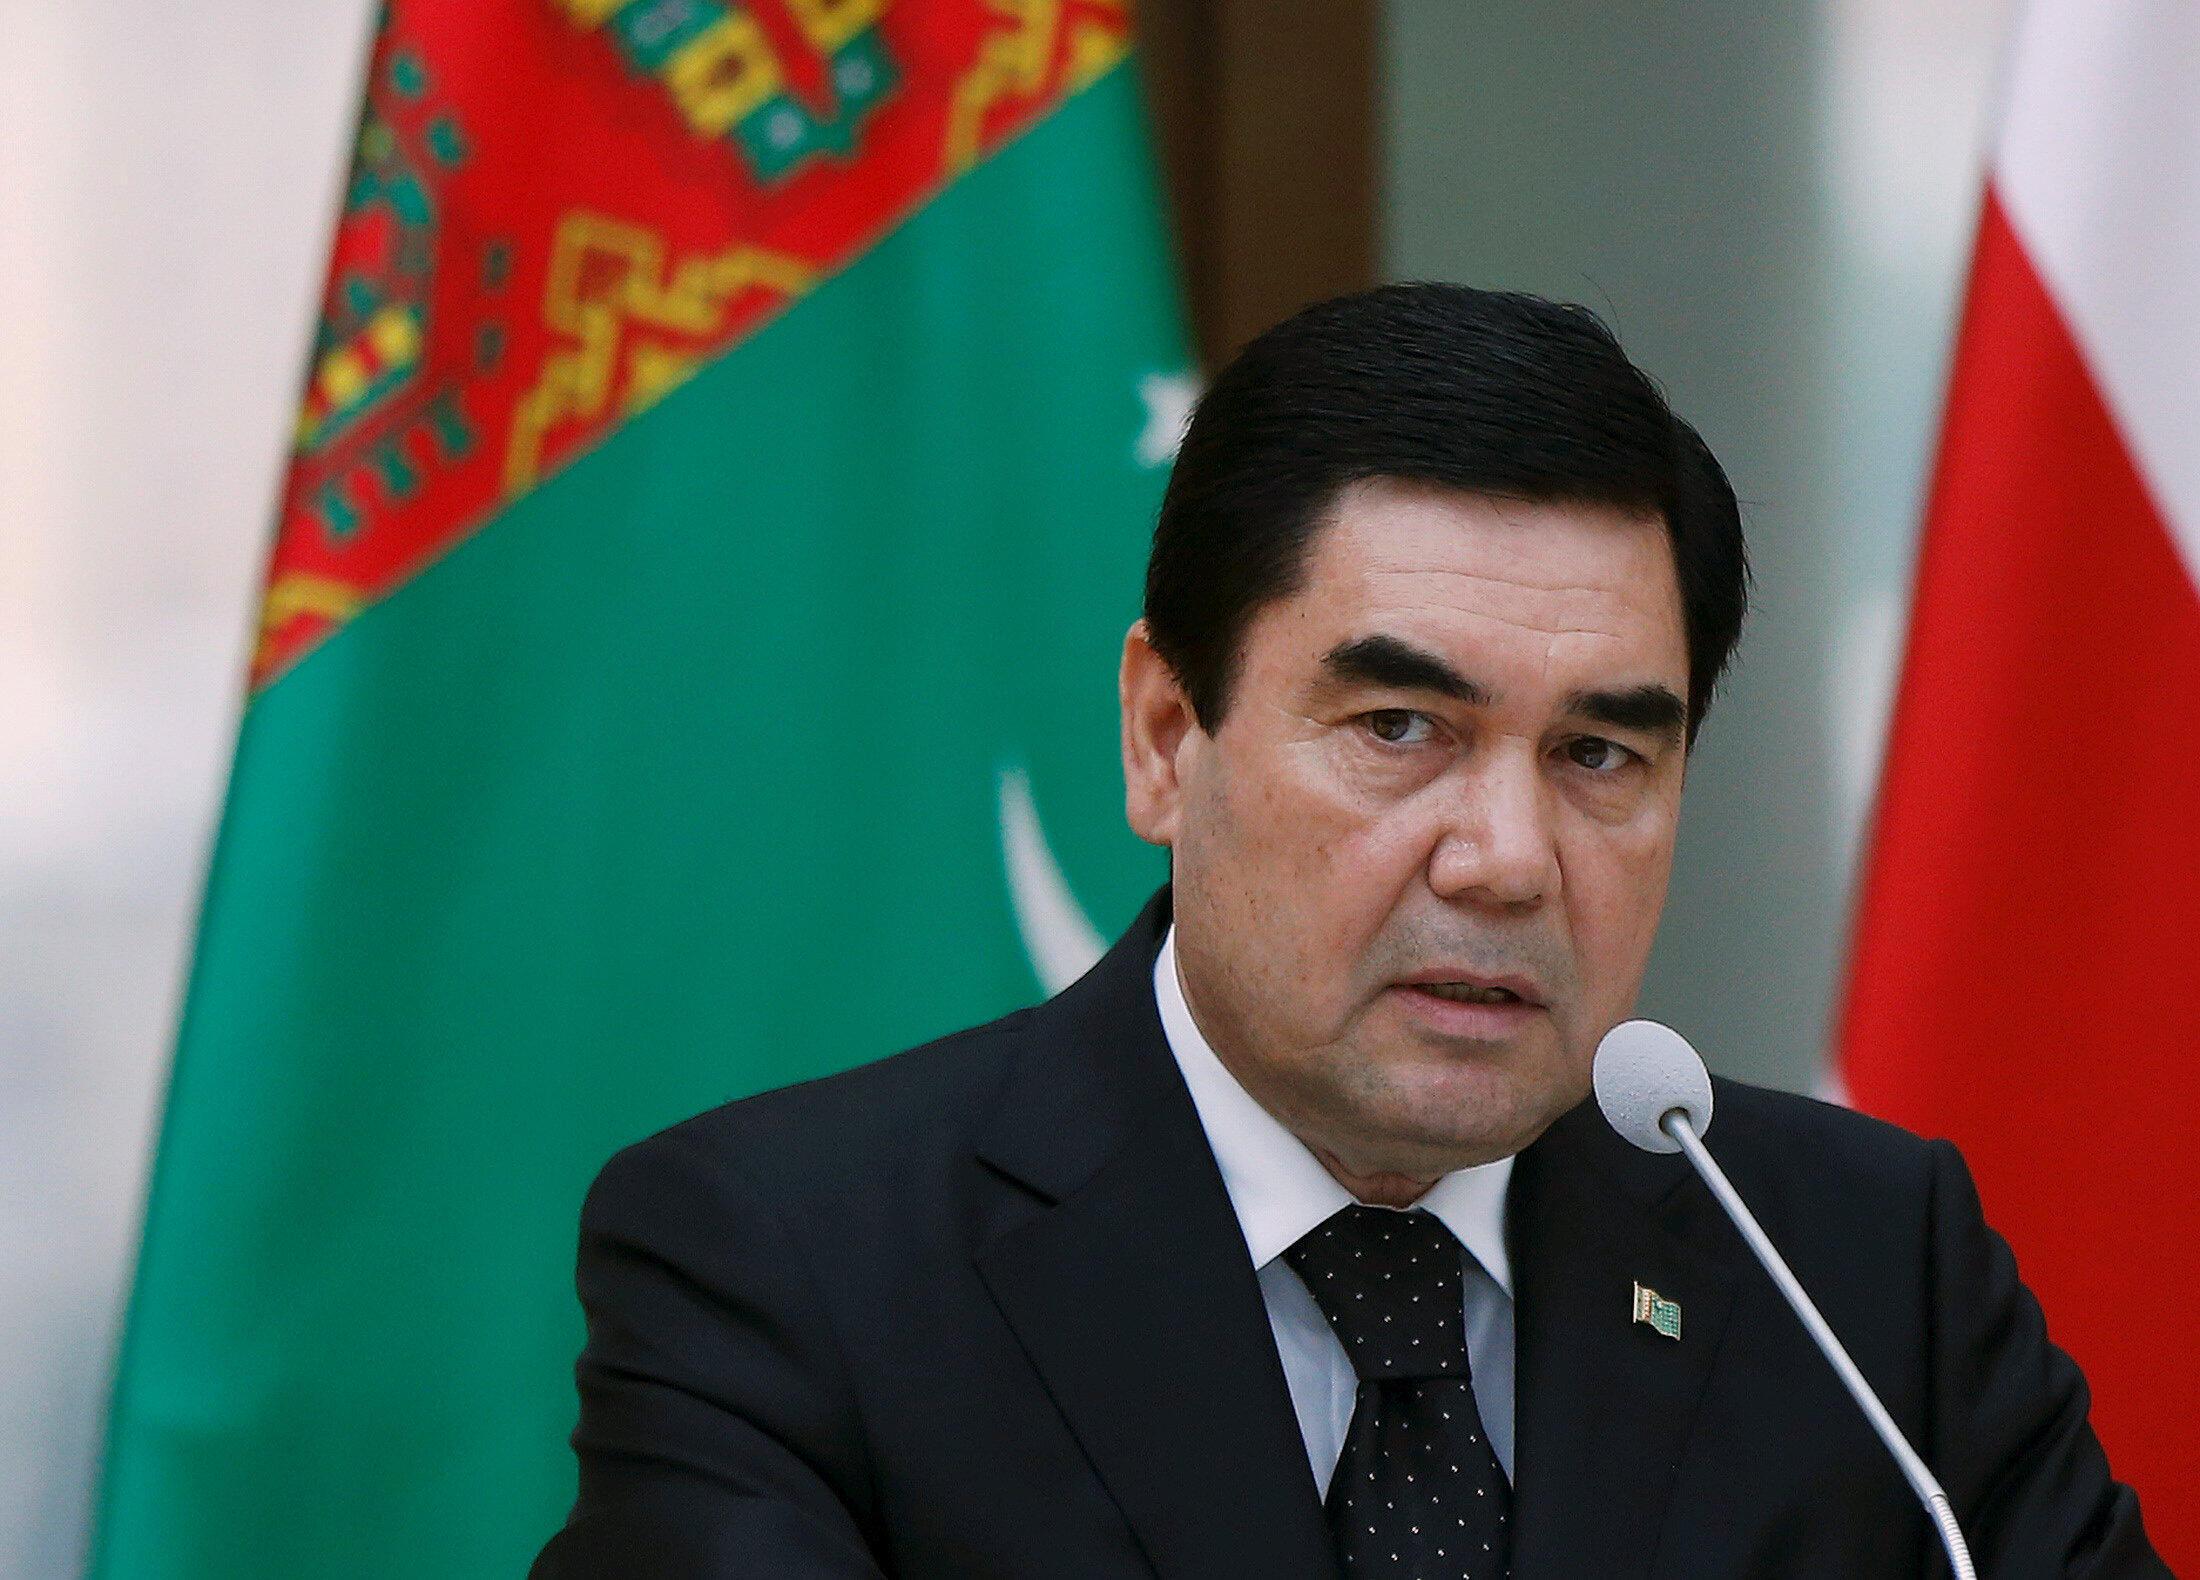 Туркменский президент Гурбангулы Бердымухамедов во время визита в Грузию 2 июля 2015